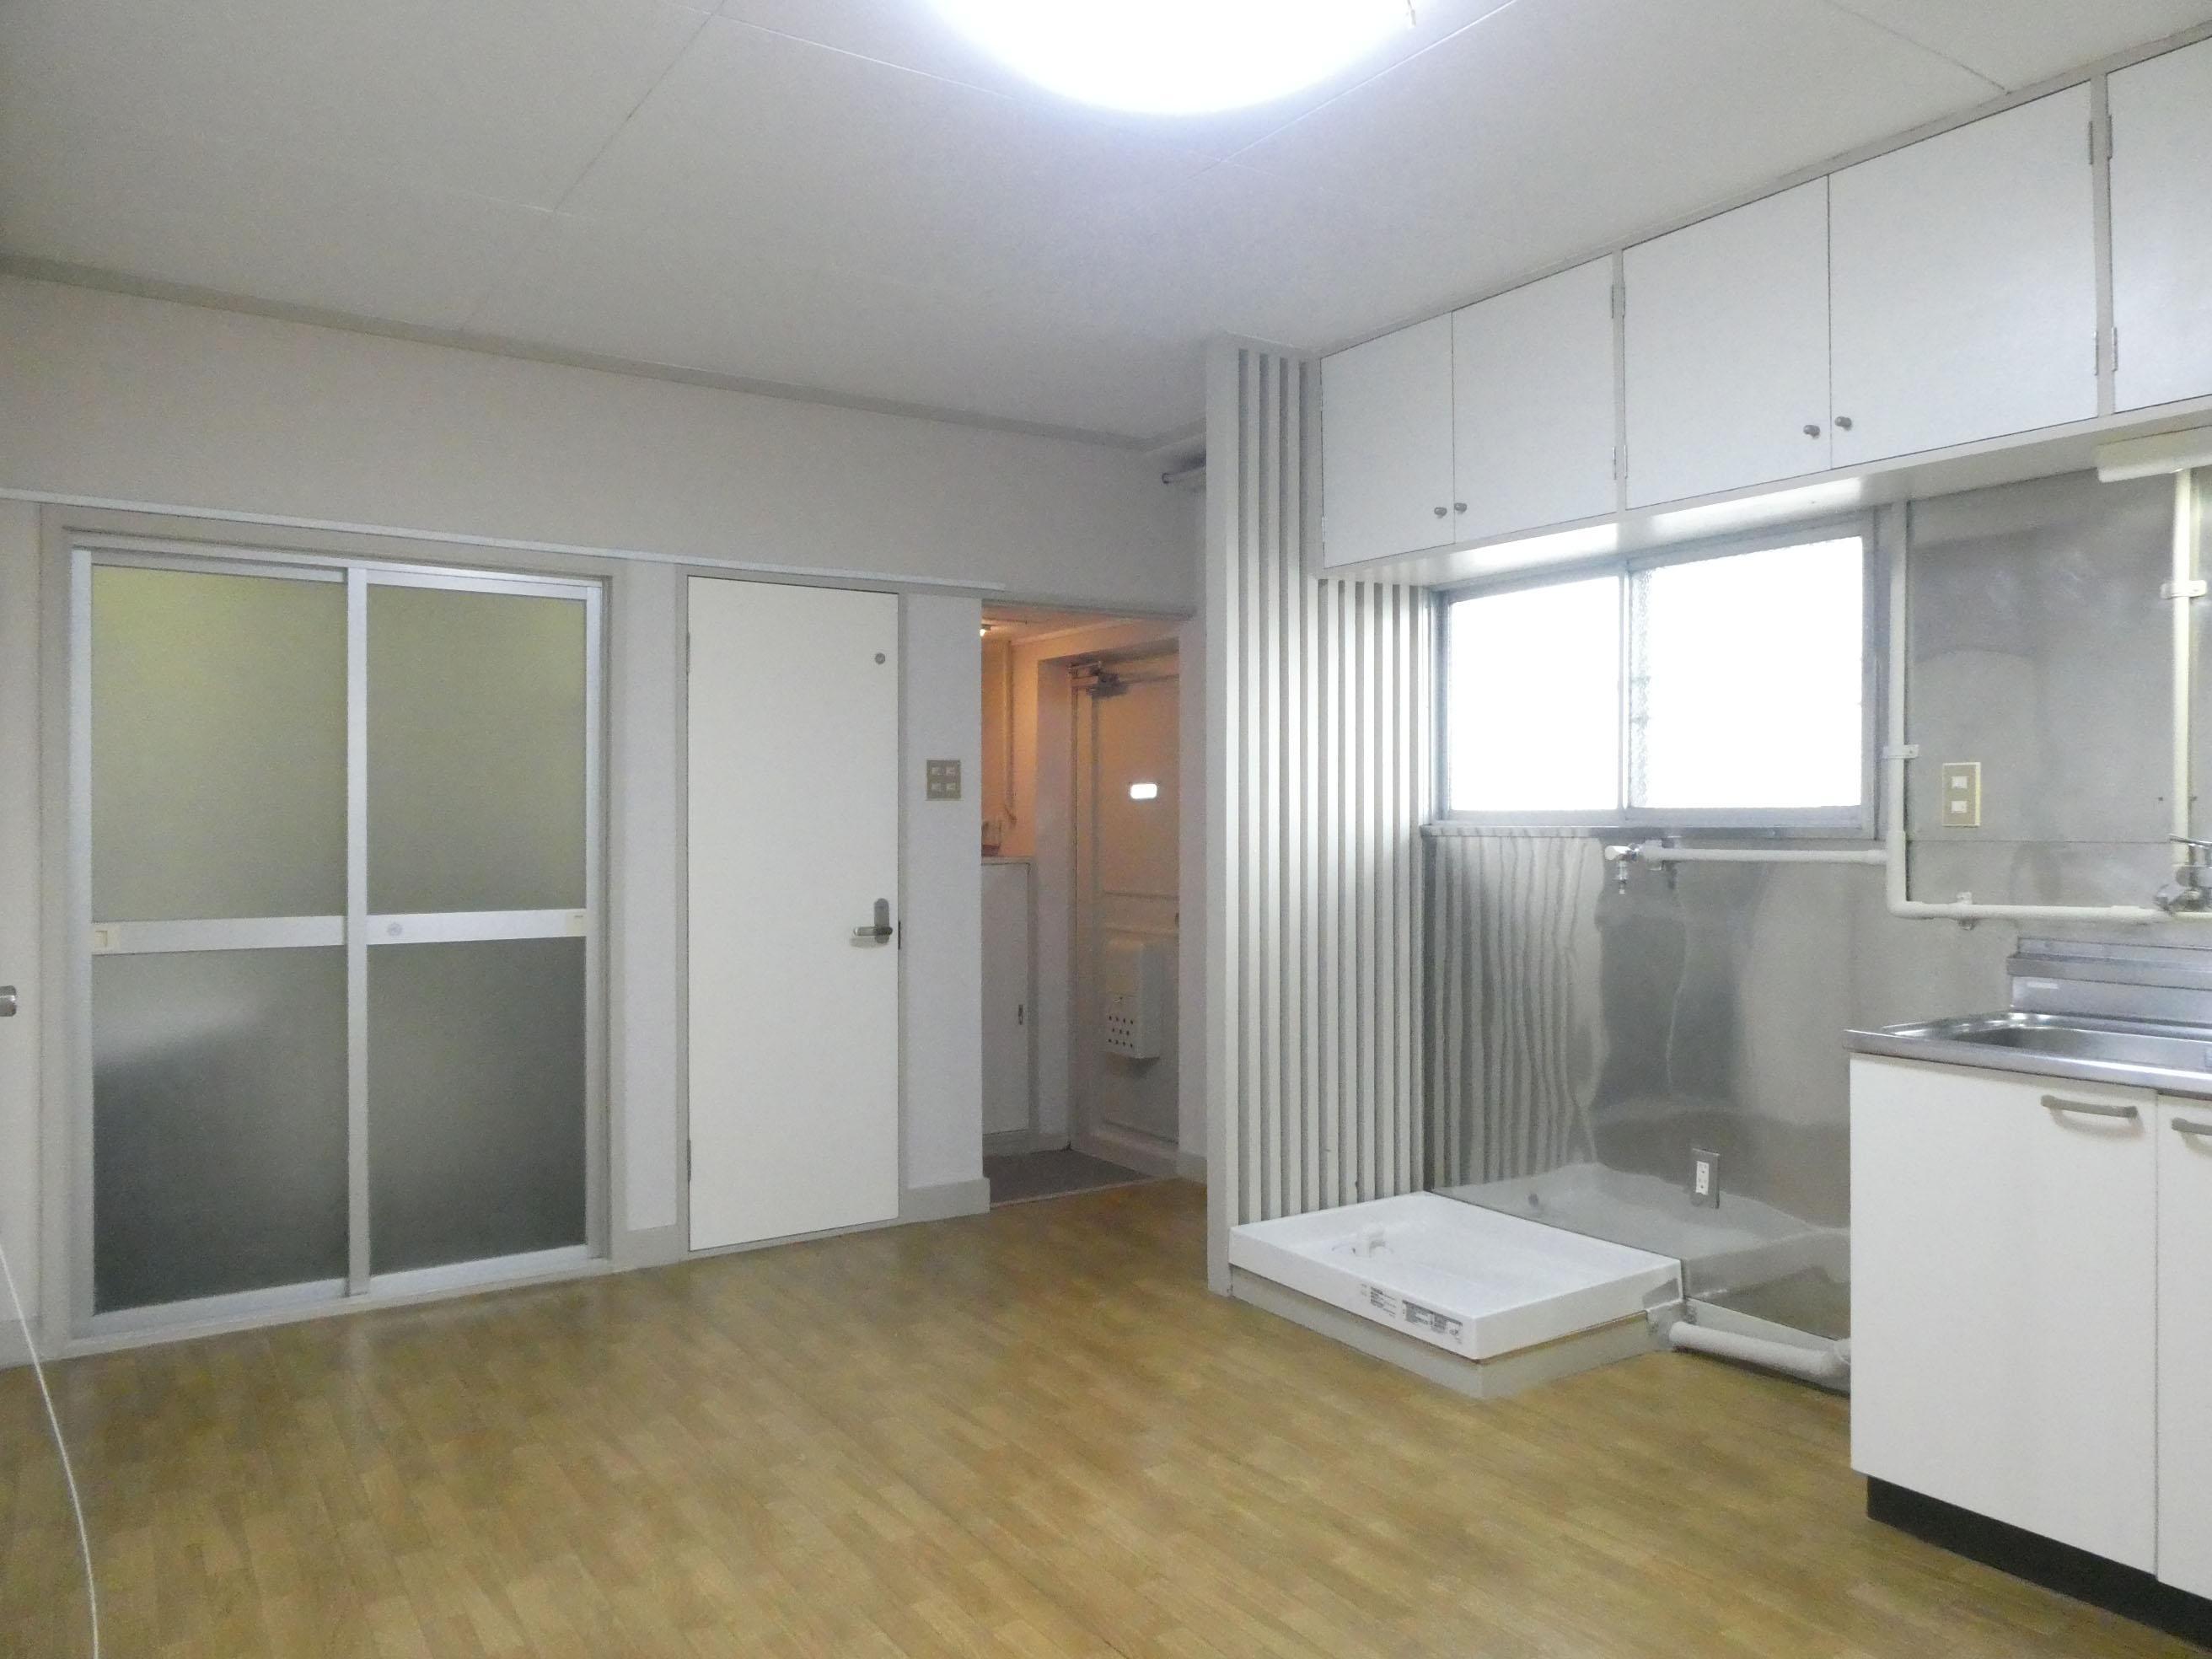 左手に見えるのは浴室のドア。透けています